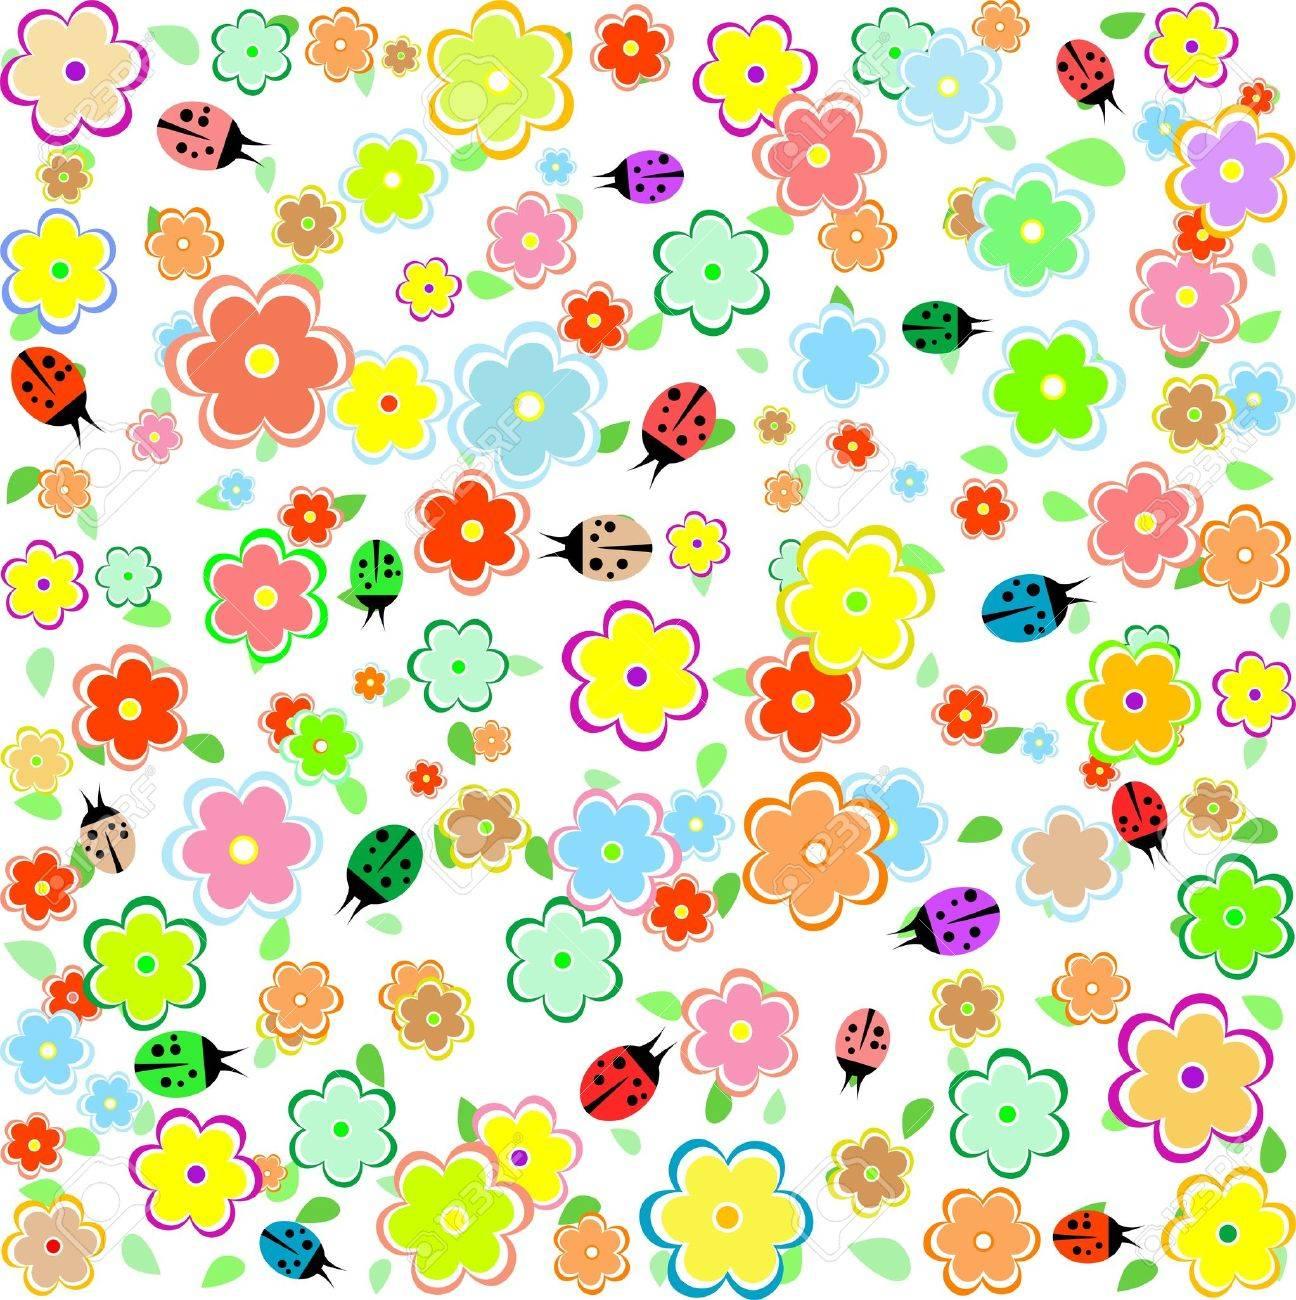 Картинки божьих коровок весной